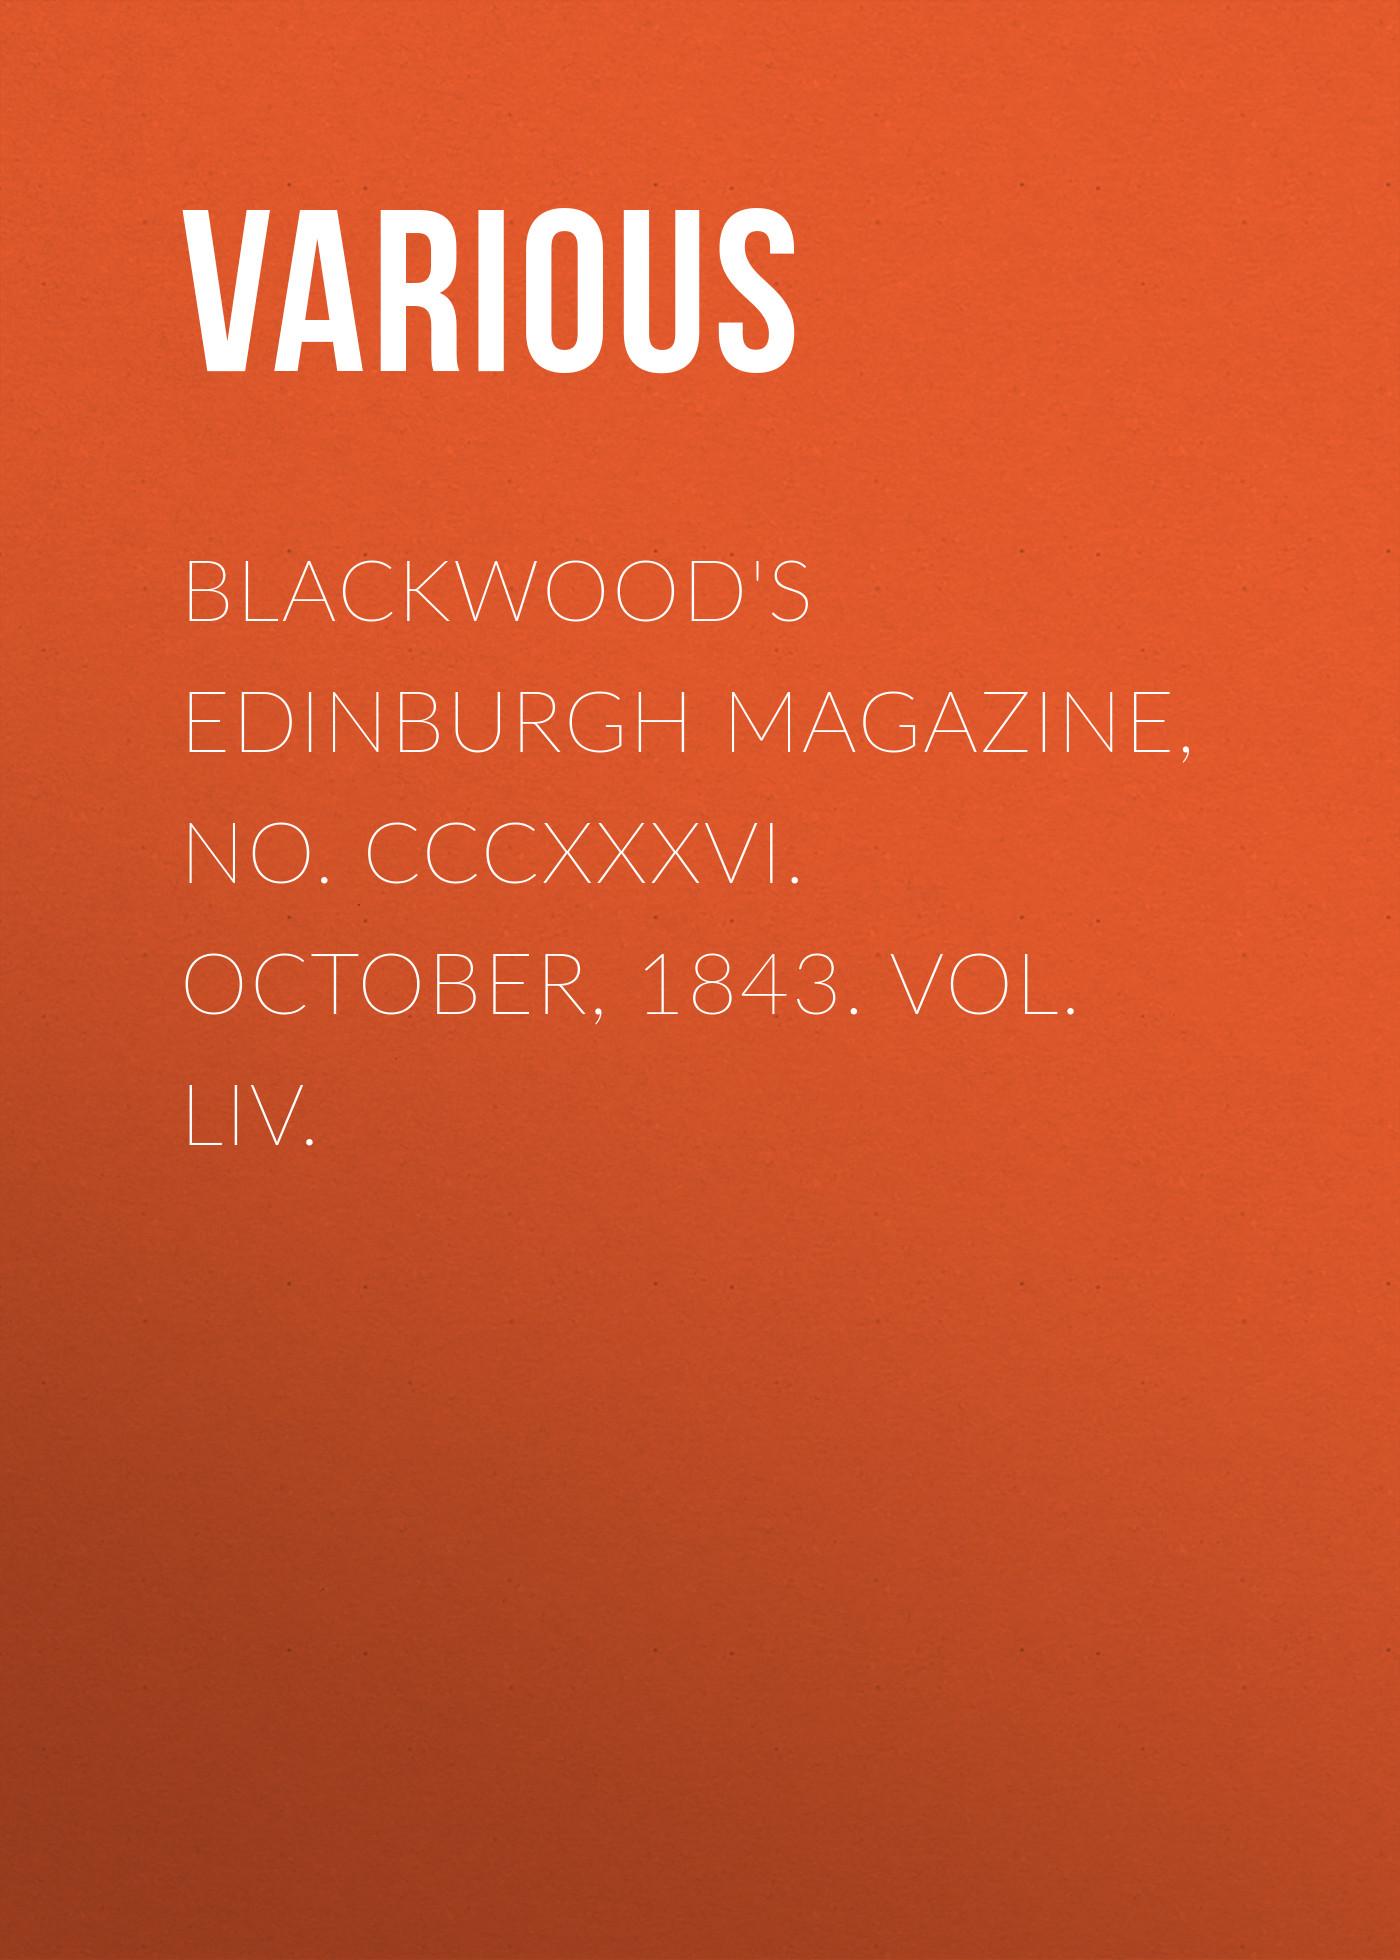 Various Blackwood's Edinburgh Magazine, No. CCCXXXVI. October, 1843. Vol. LIV. blue october